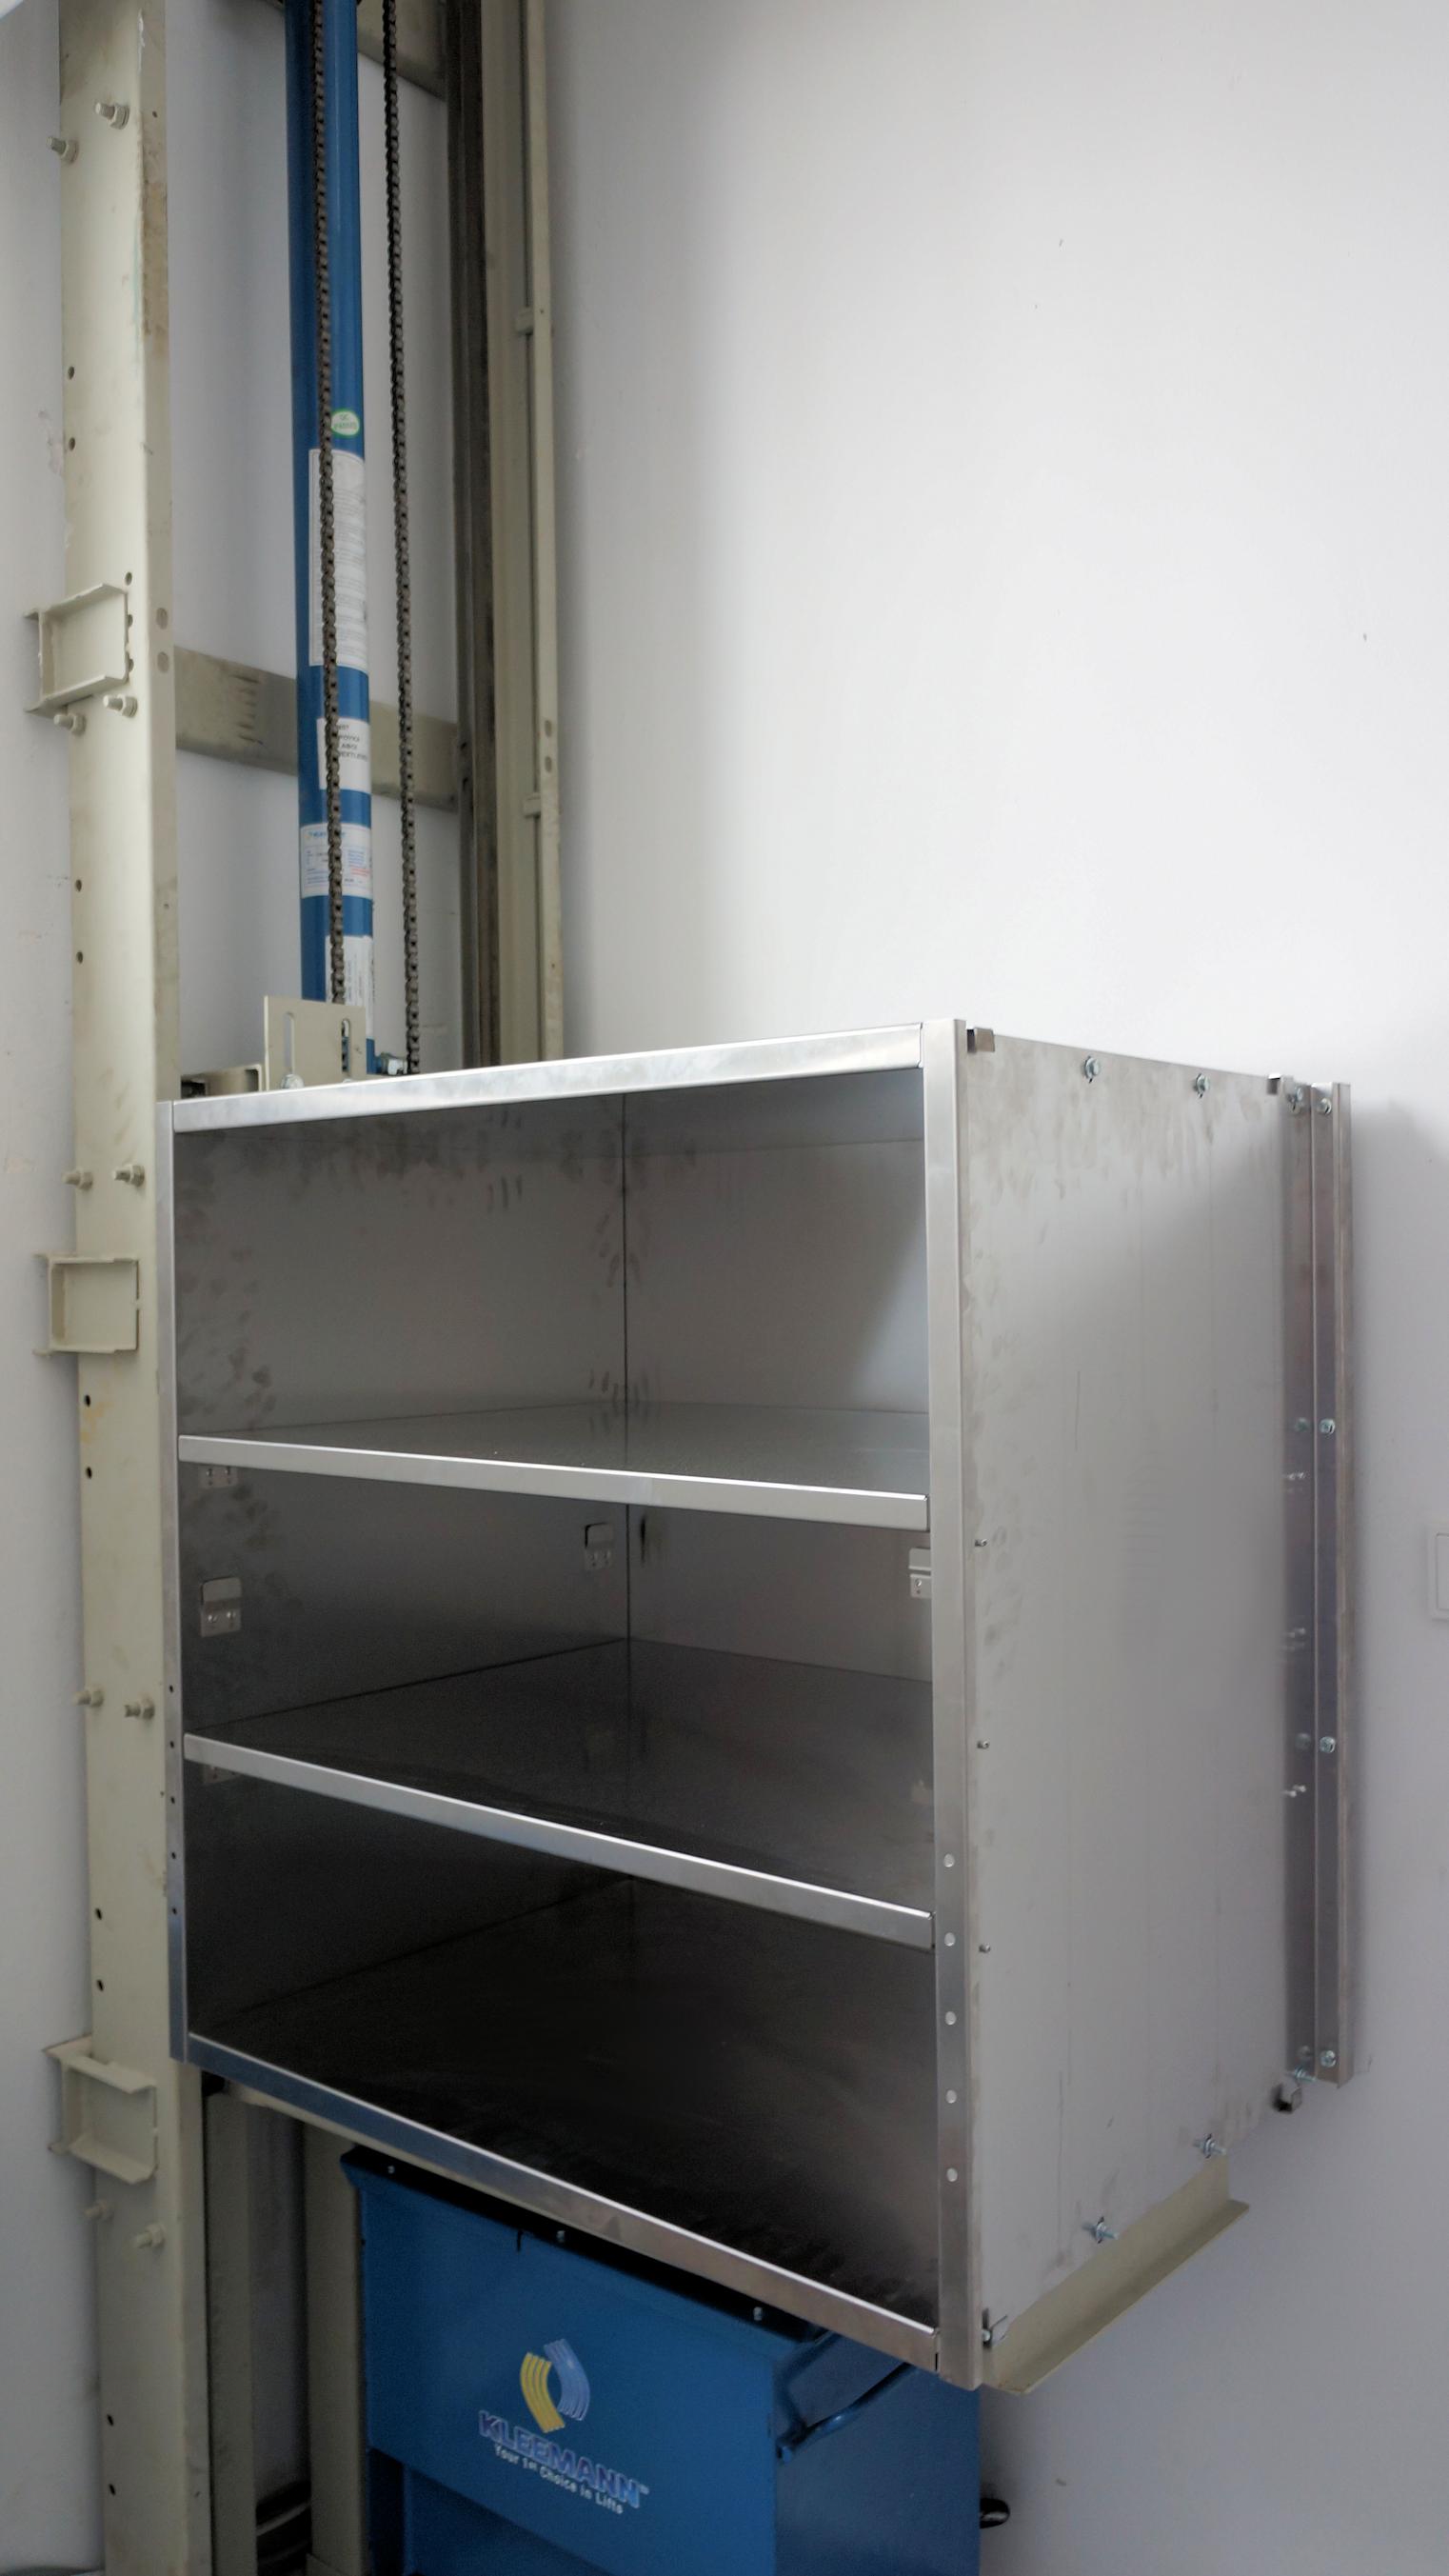 Ανελκυστήρας ασανσερ - Αναβατόριο Mικρού Φορτίου kleemann hellas (13)